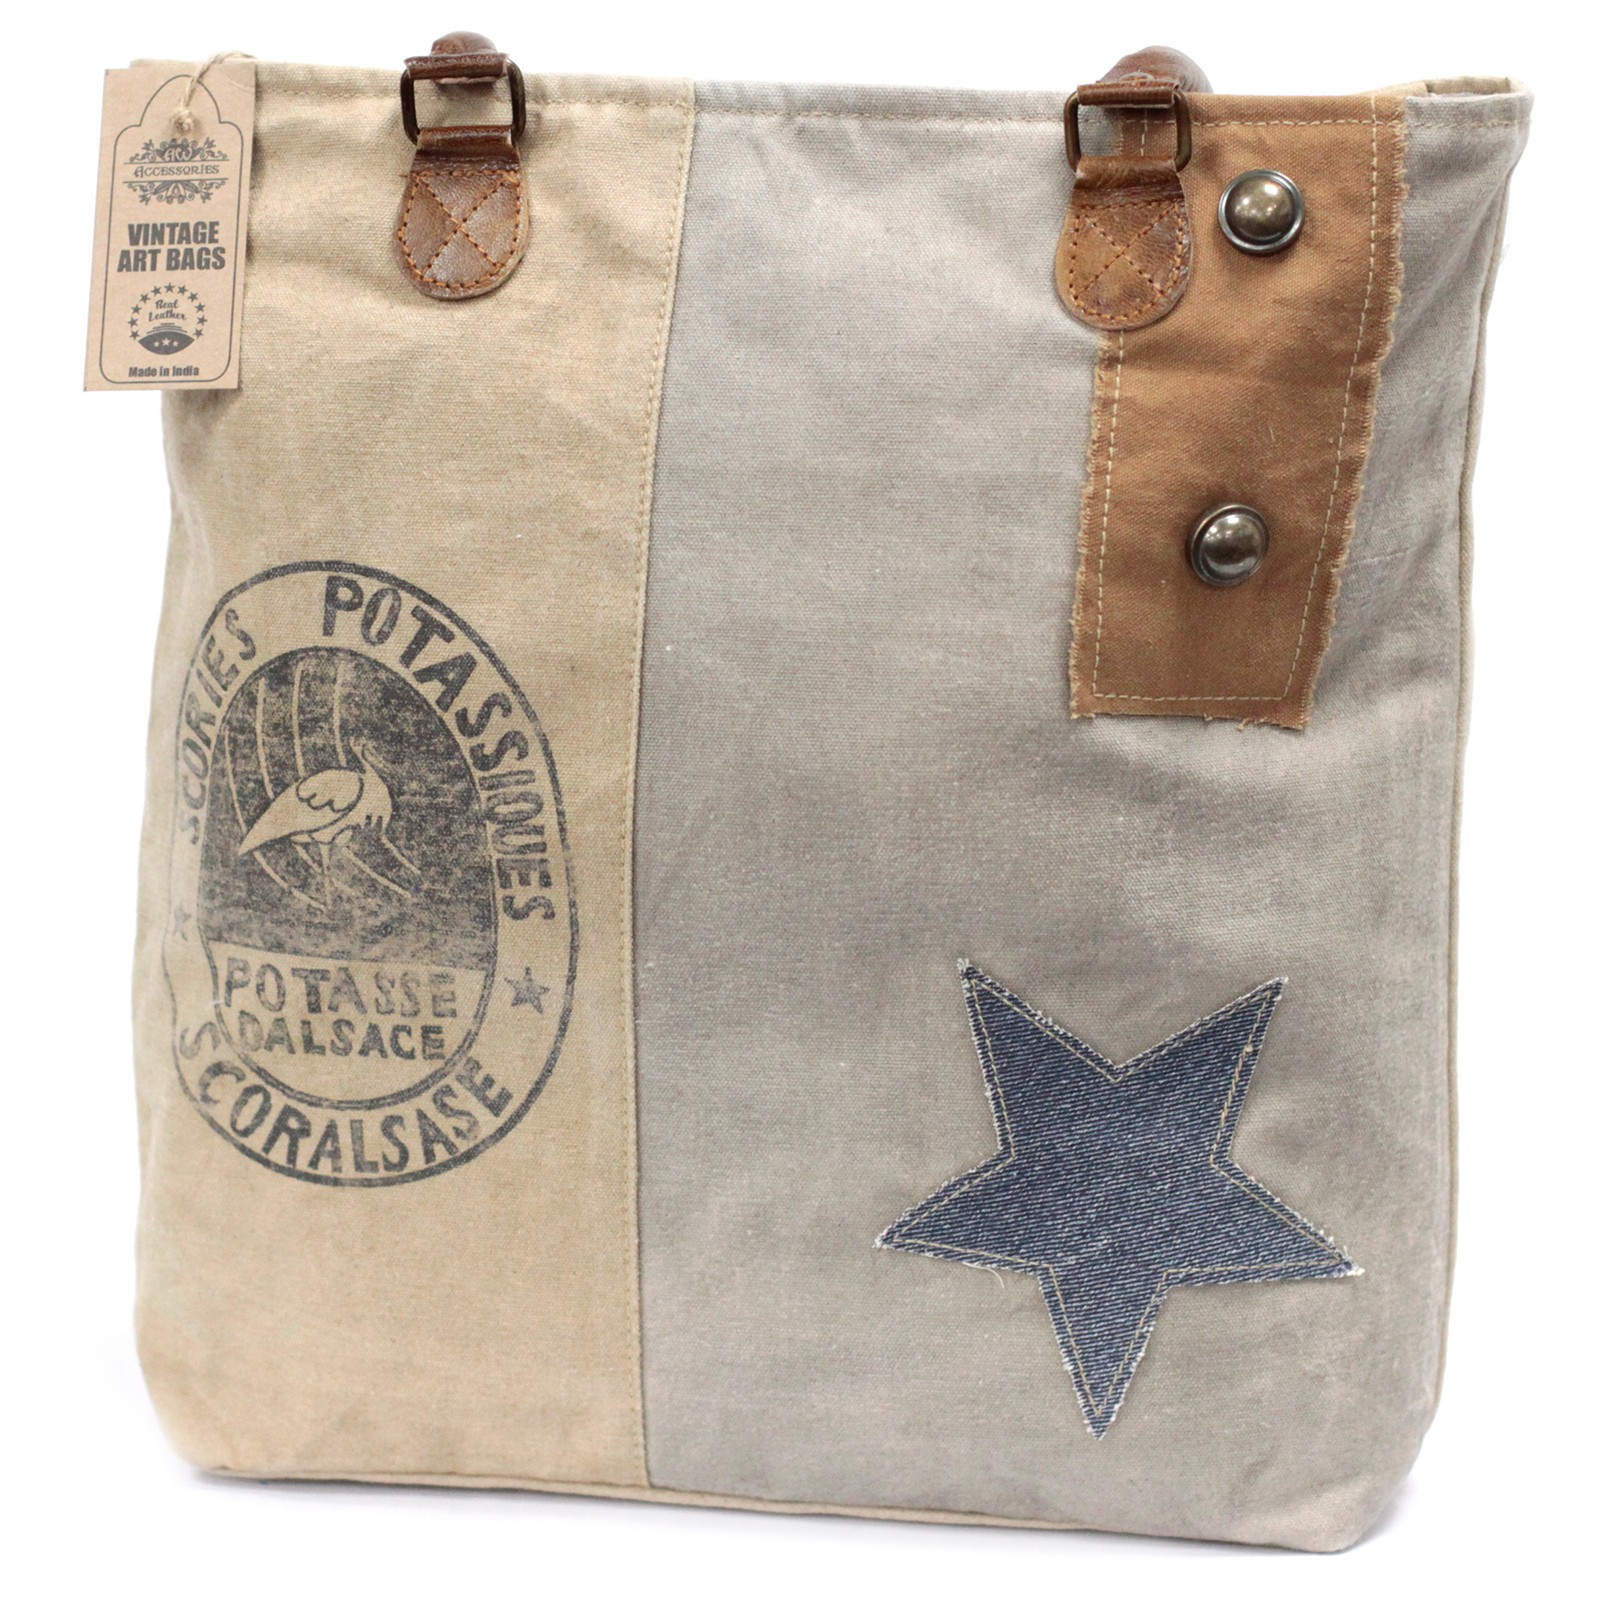 Vintage Bag - Stork & Star